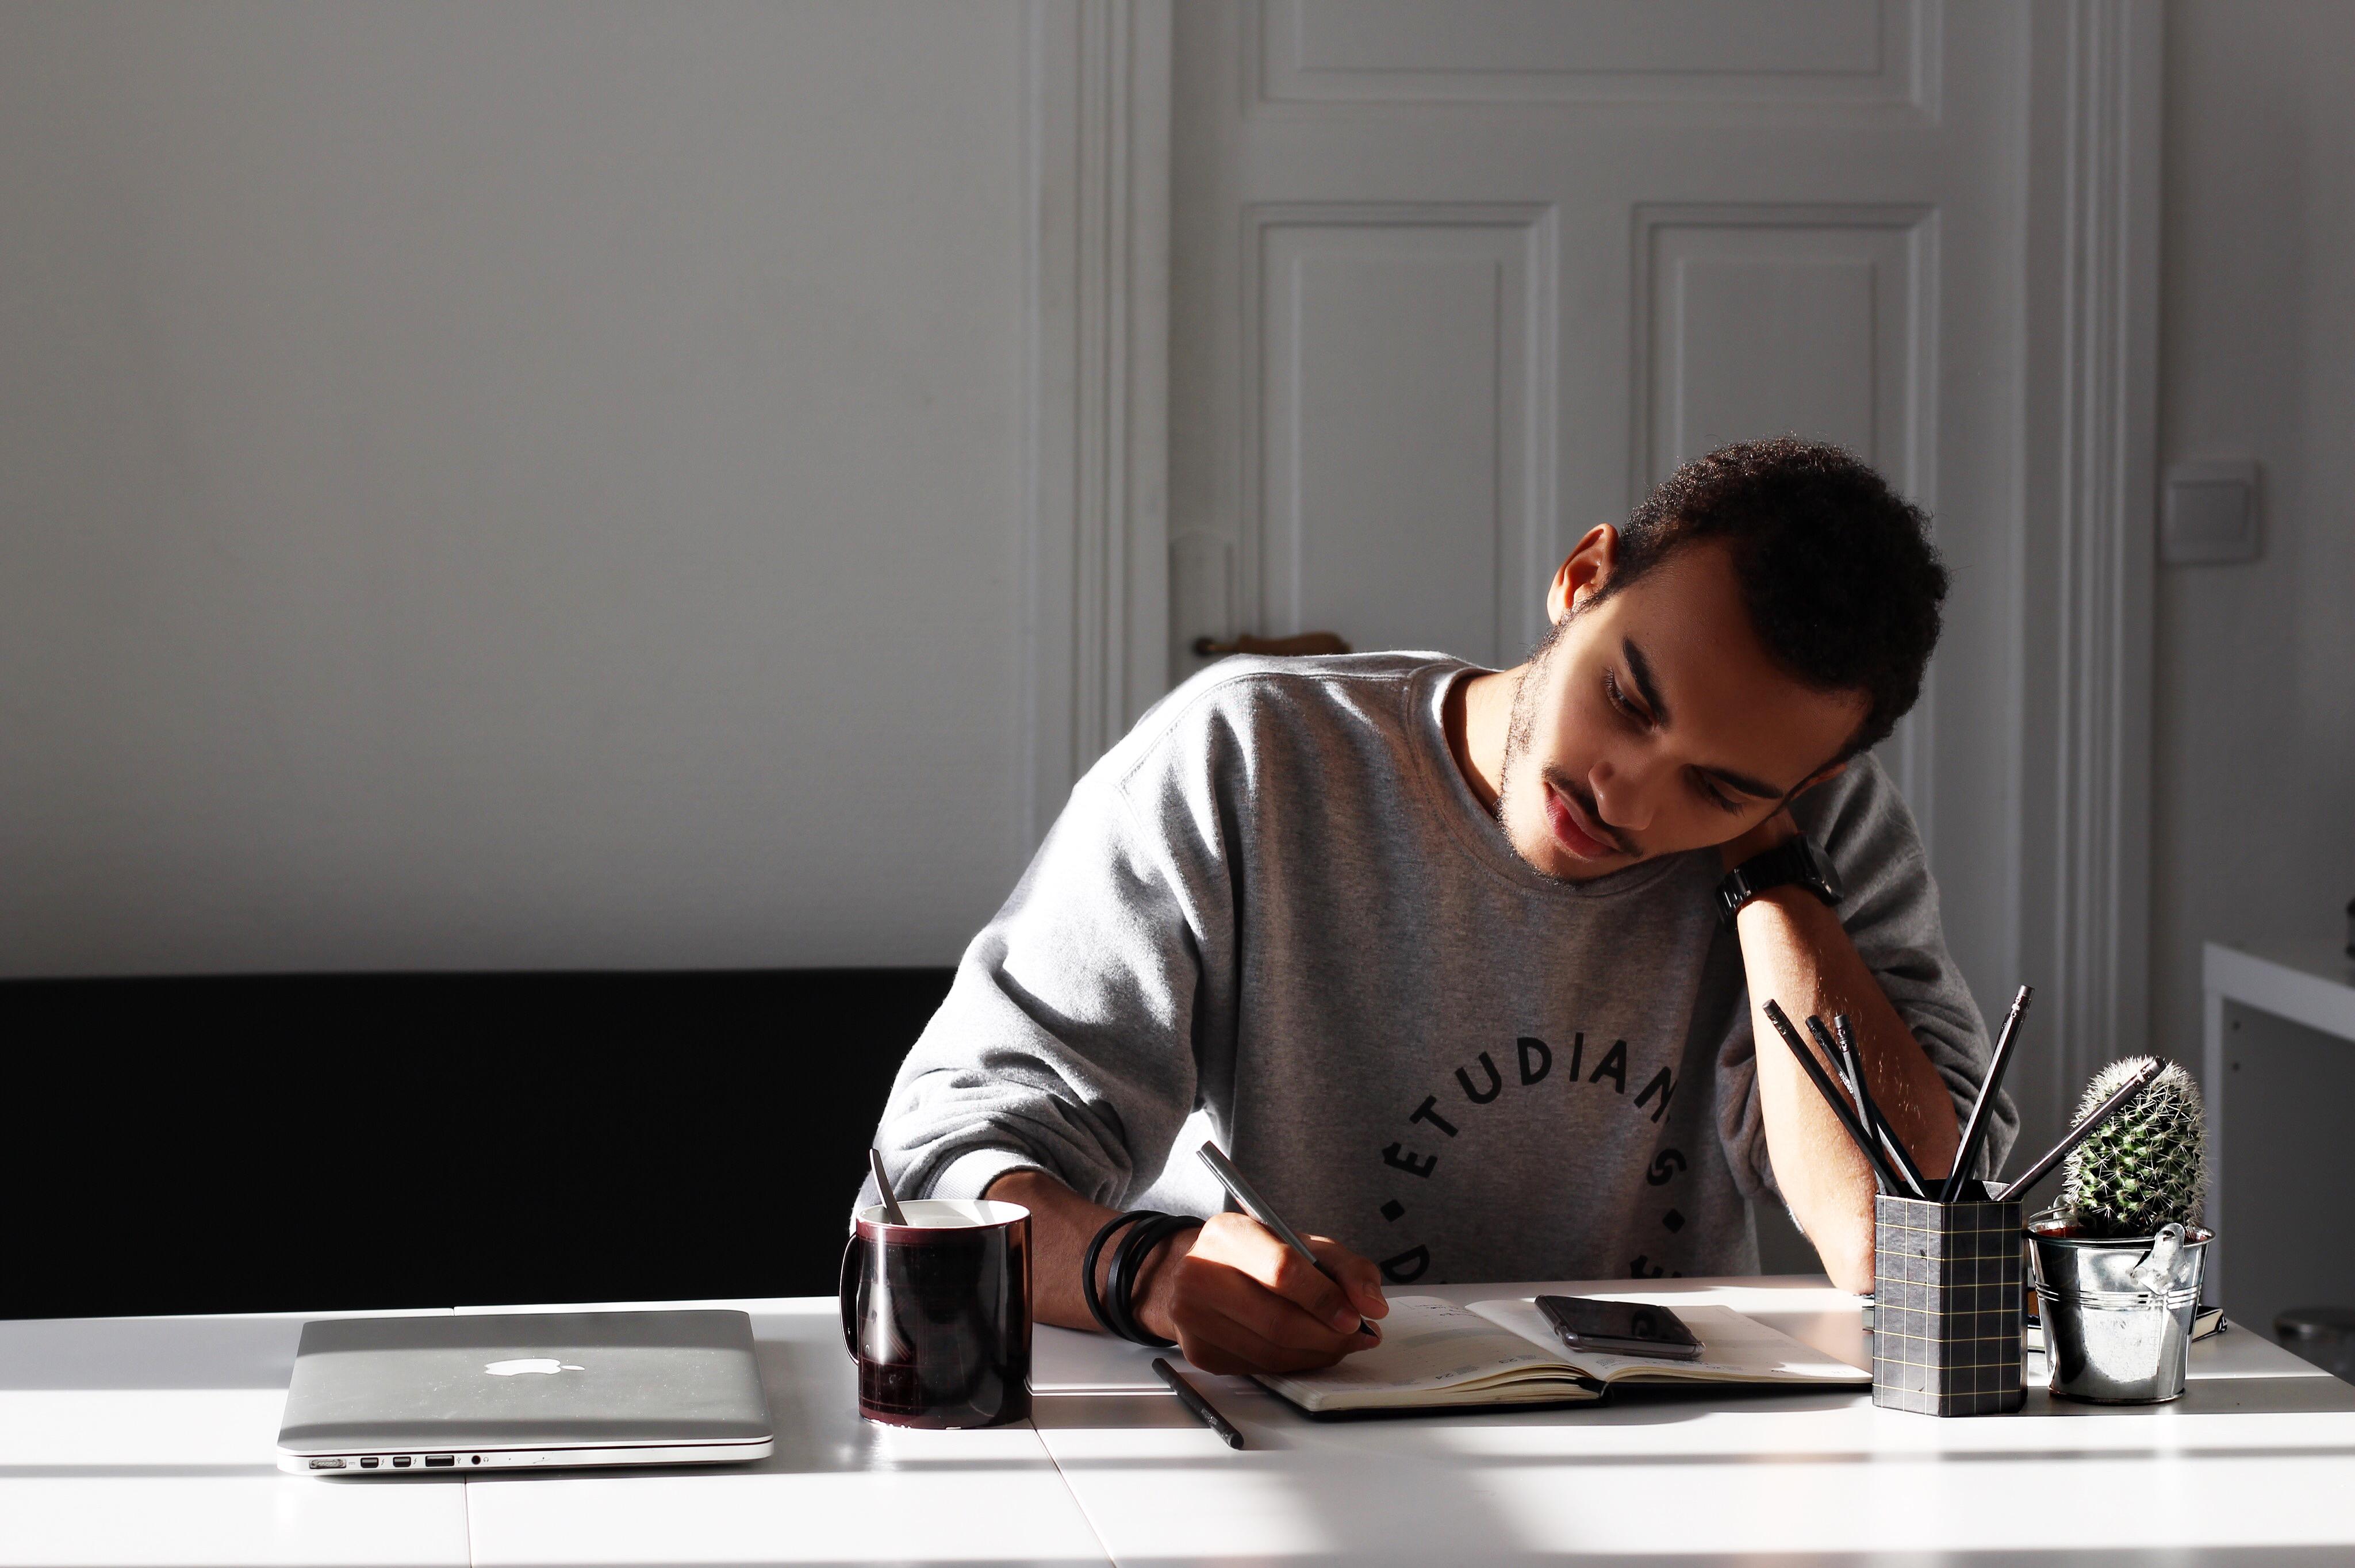 mrfoures-comfy-cosy-look-man-blogger-influencer-blog-mode-homme-blogueur-homme-comment-être-organisé-optimiser-son-temps